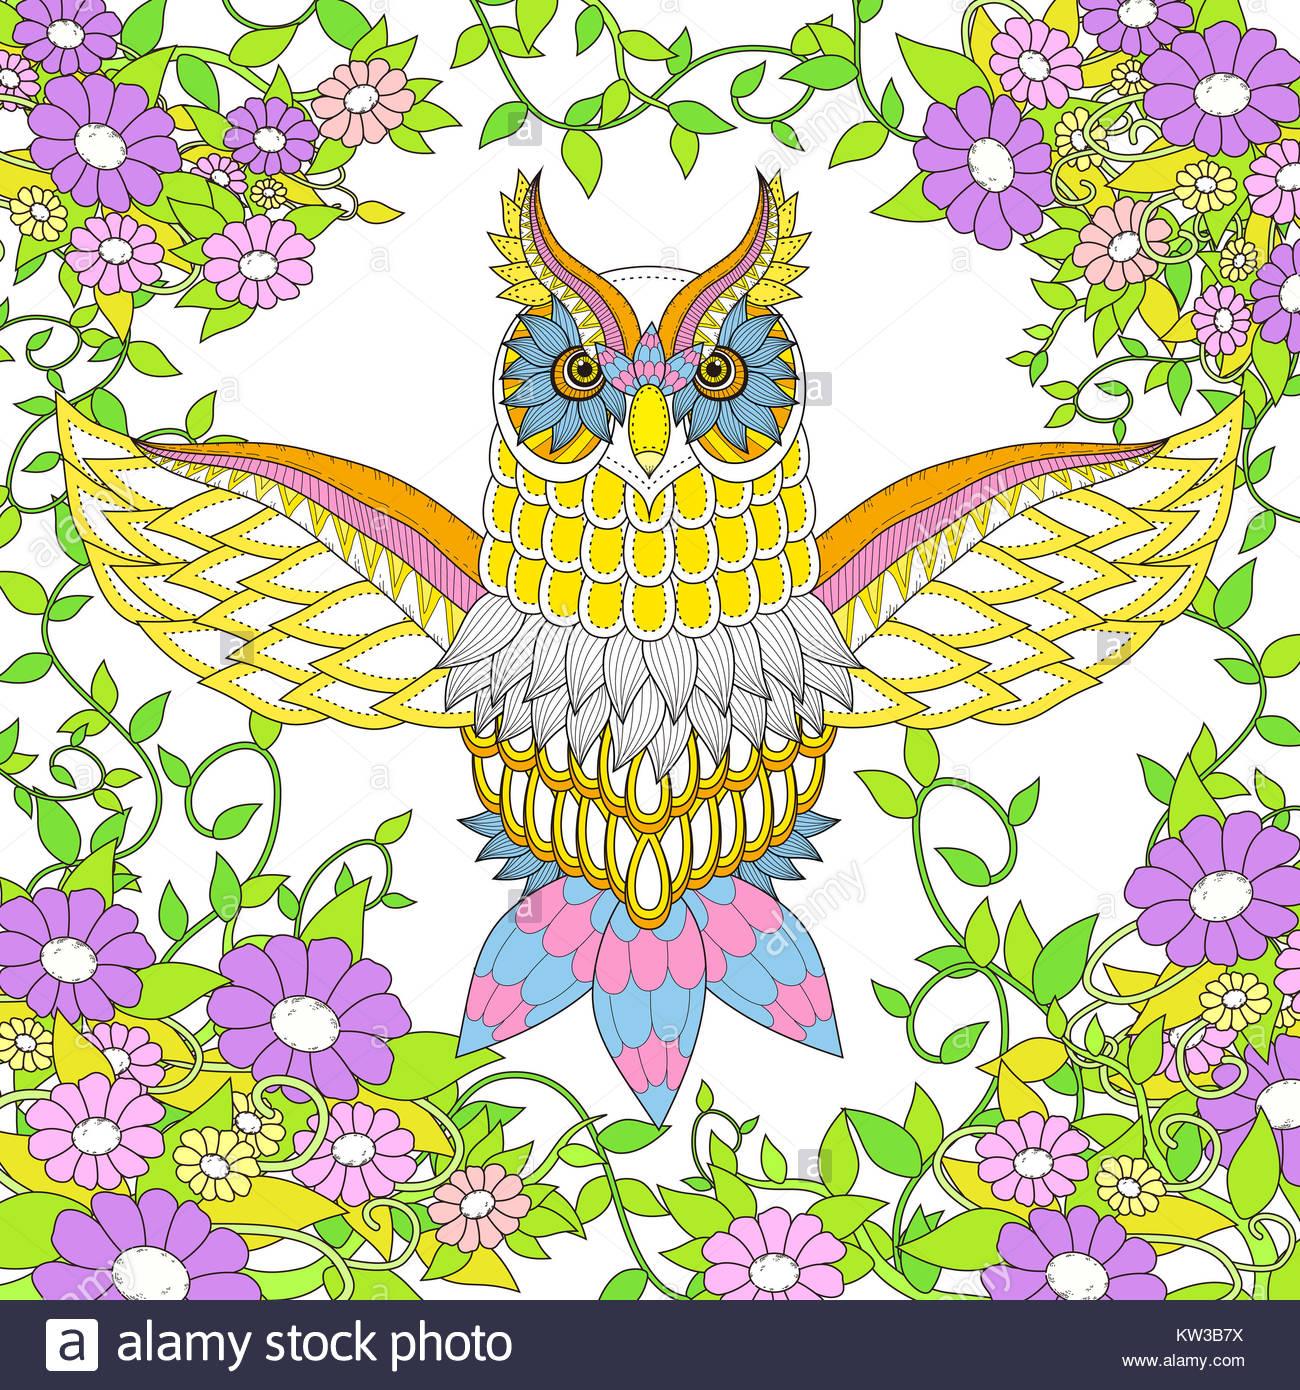 Búho hermoso diseño de páginas para colorear en un exquisito estilo ...